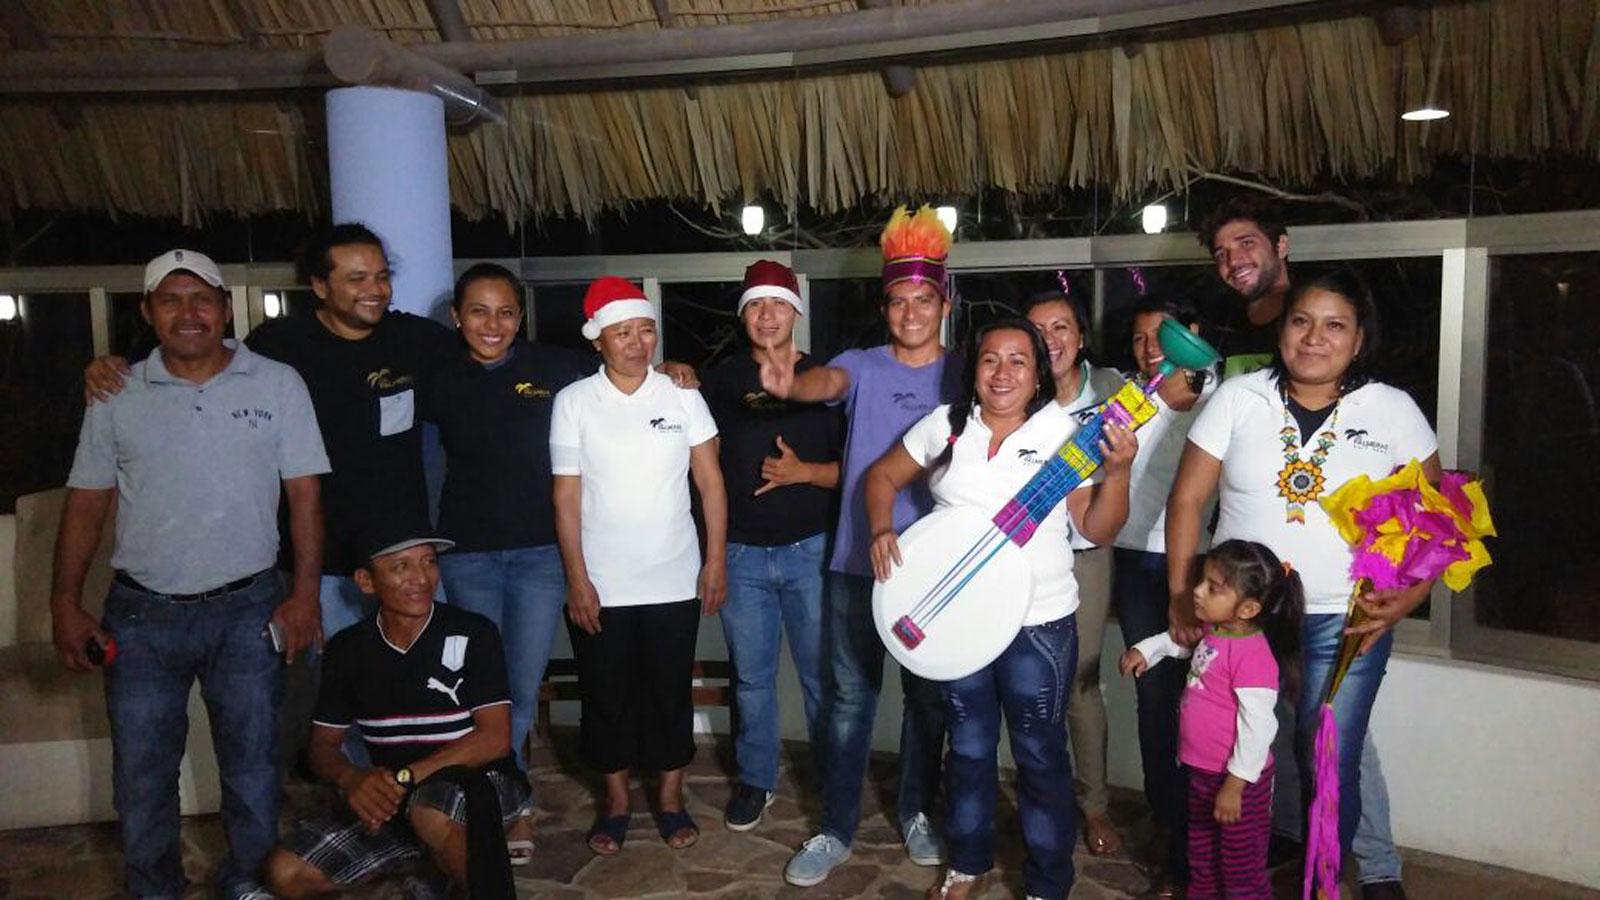 La Fiesta | Las Palmeras Surf Camp, Salina Cruz, Oaxaca, Mexico